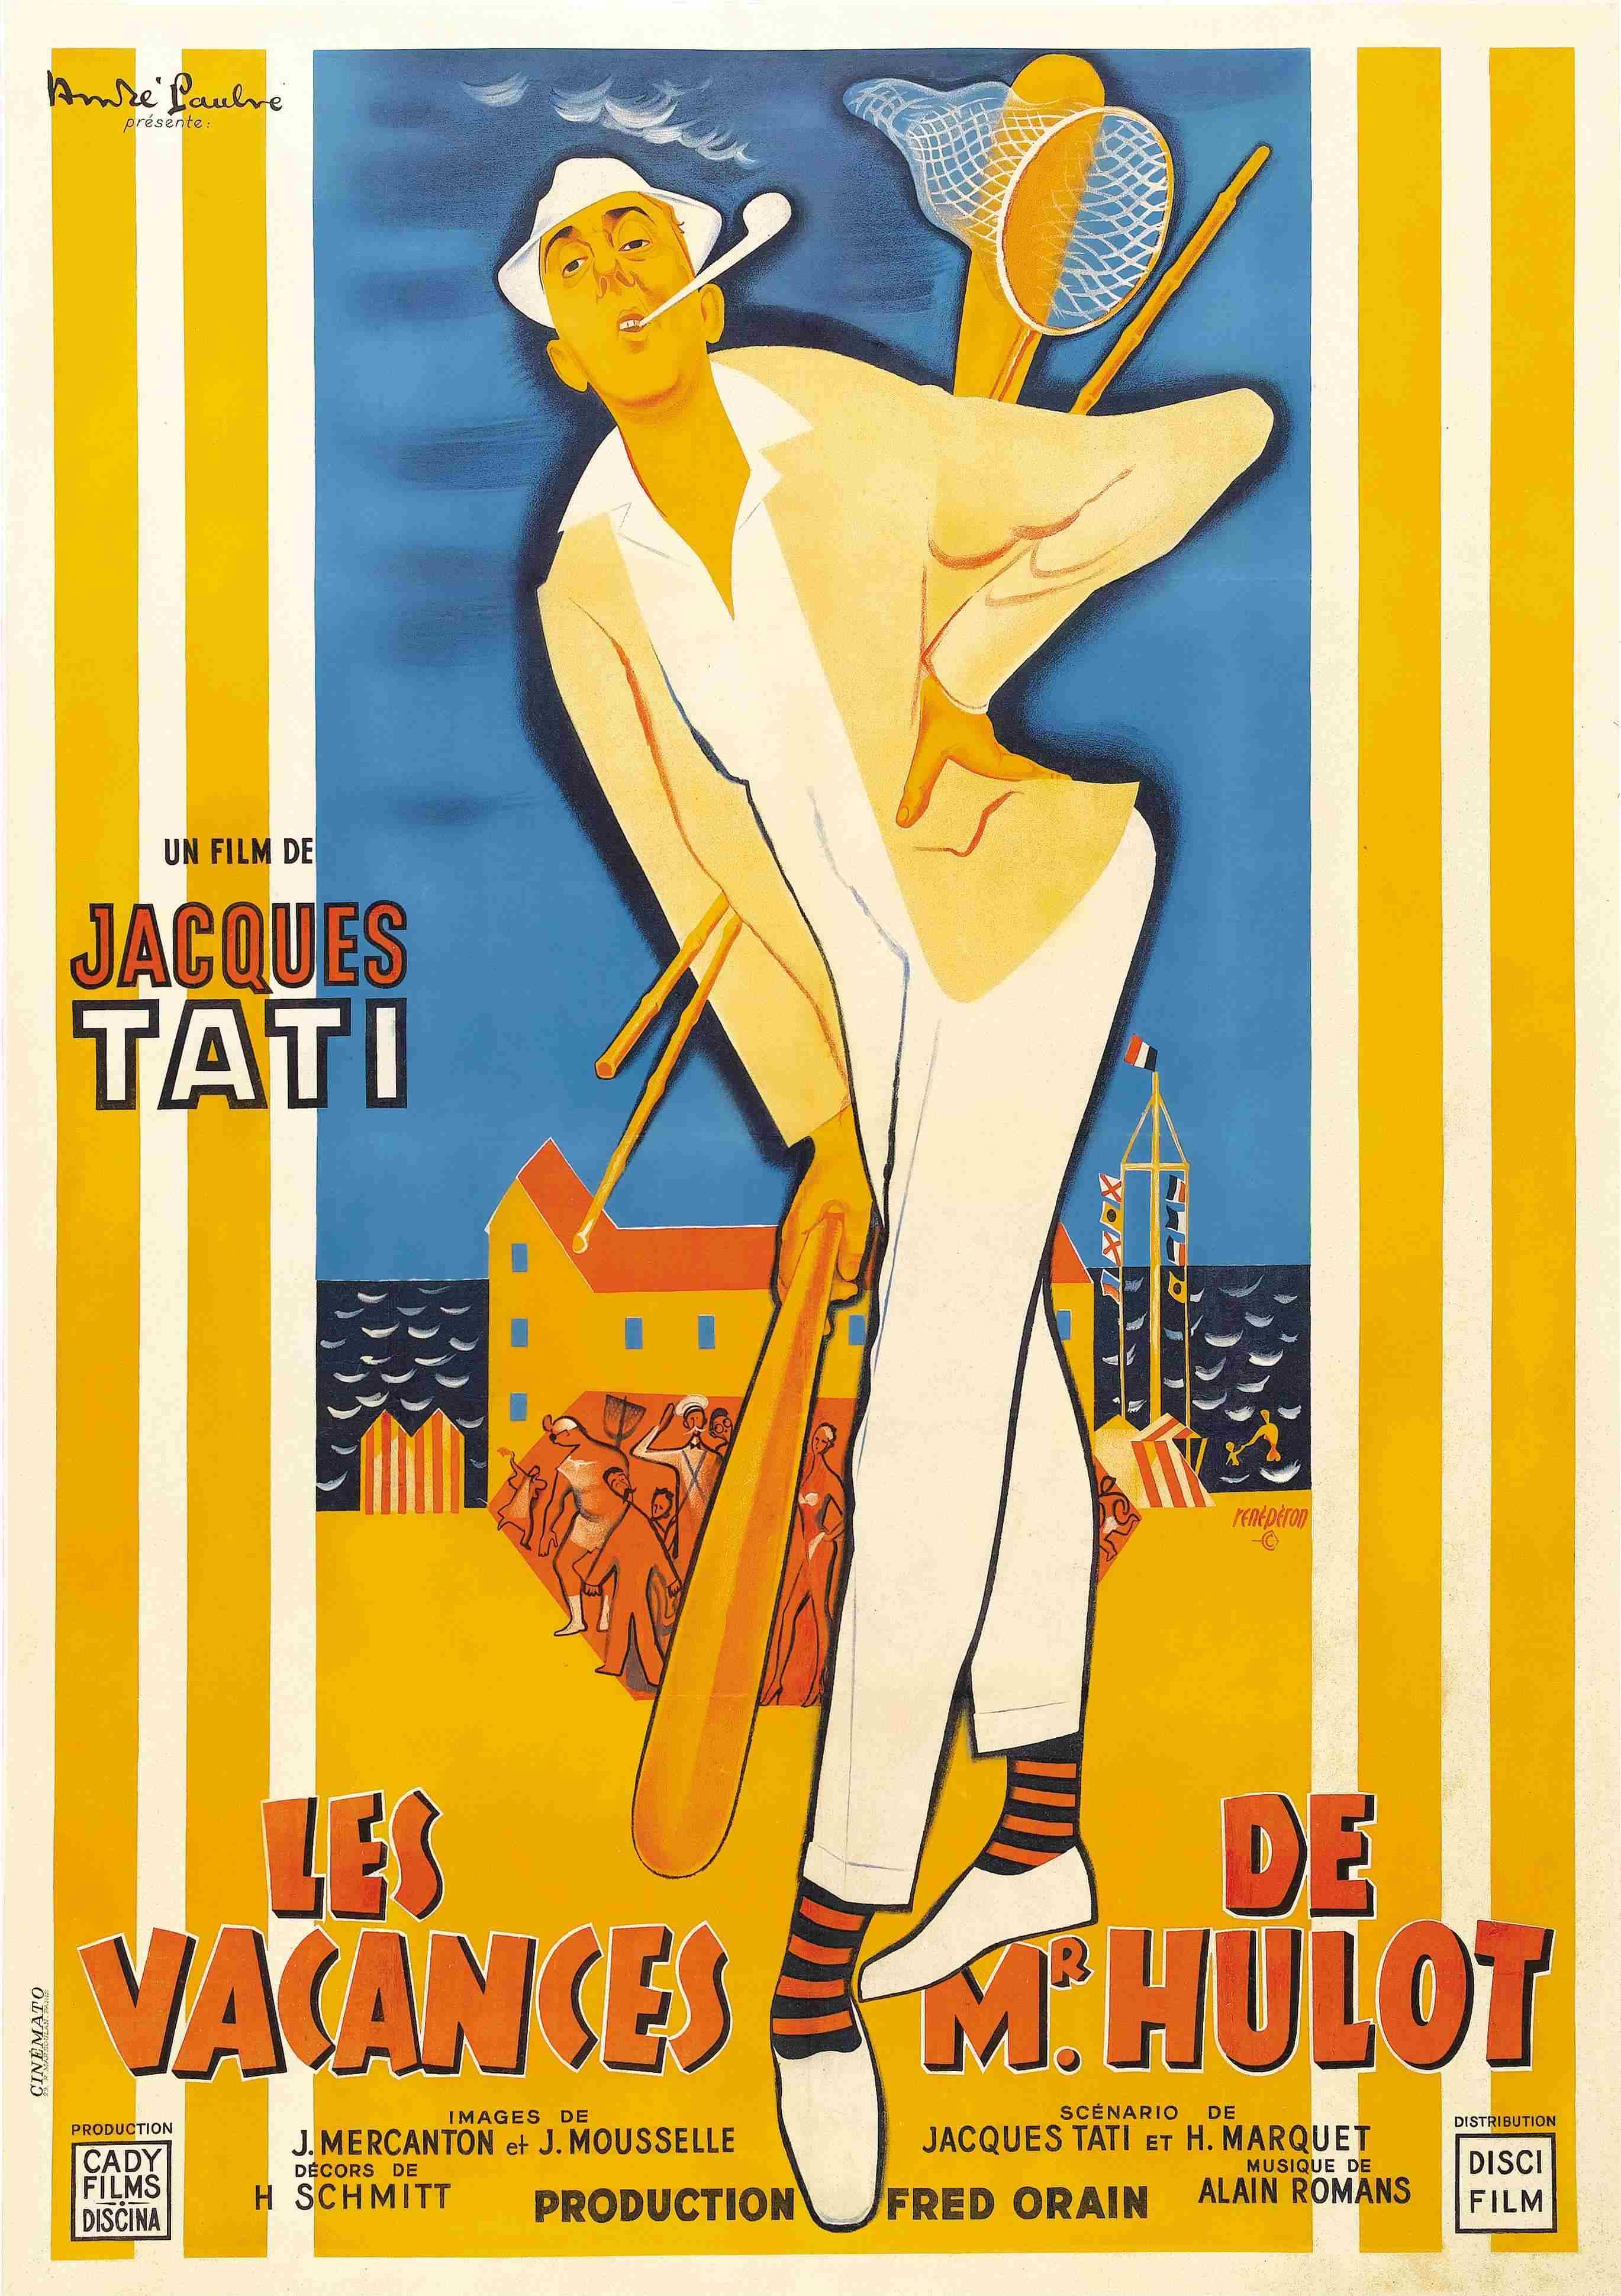 Les Vacances de Mr. Hulot (1951) de Jacques Tati